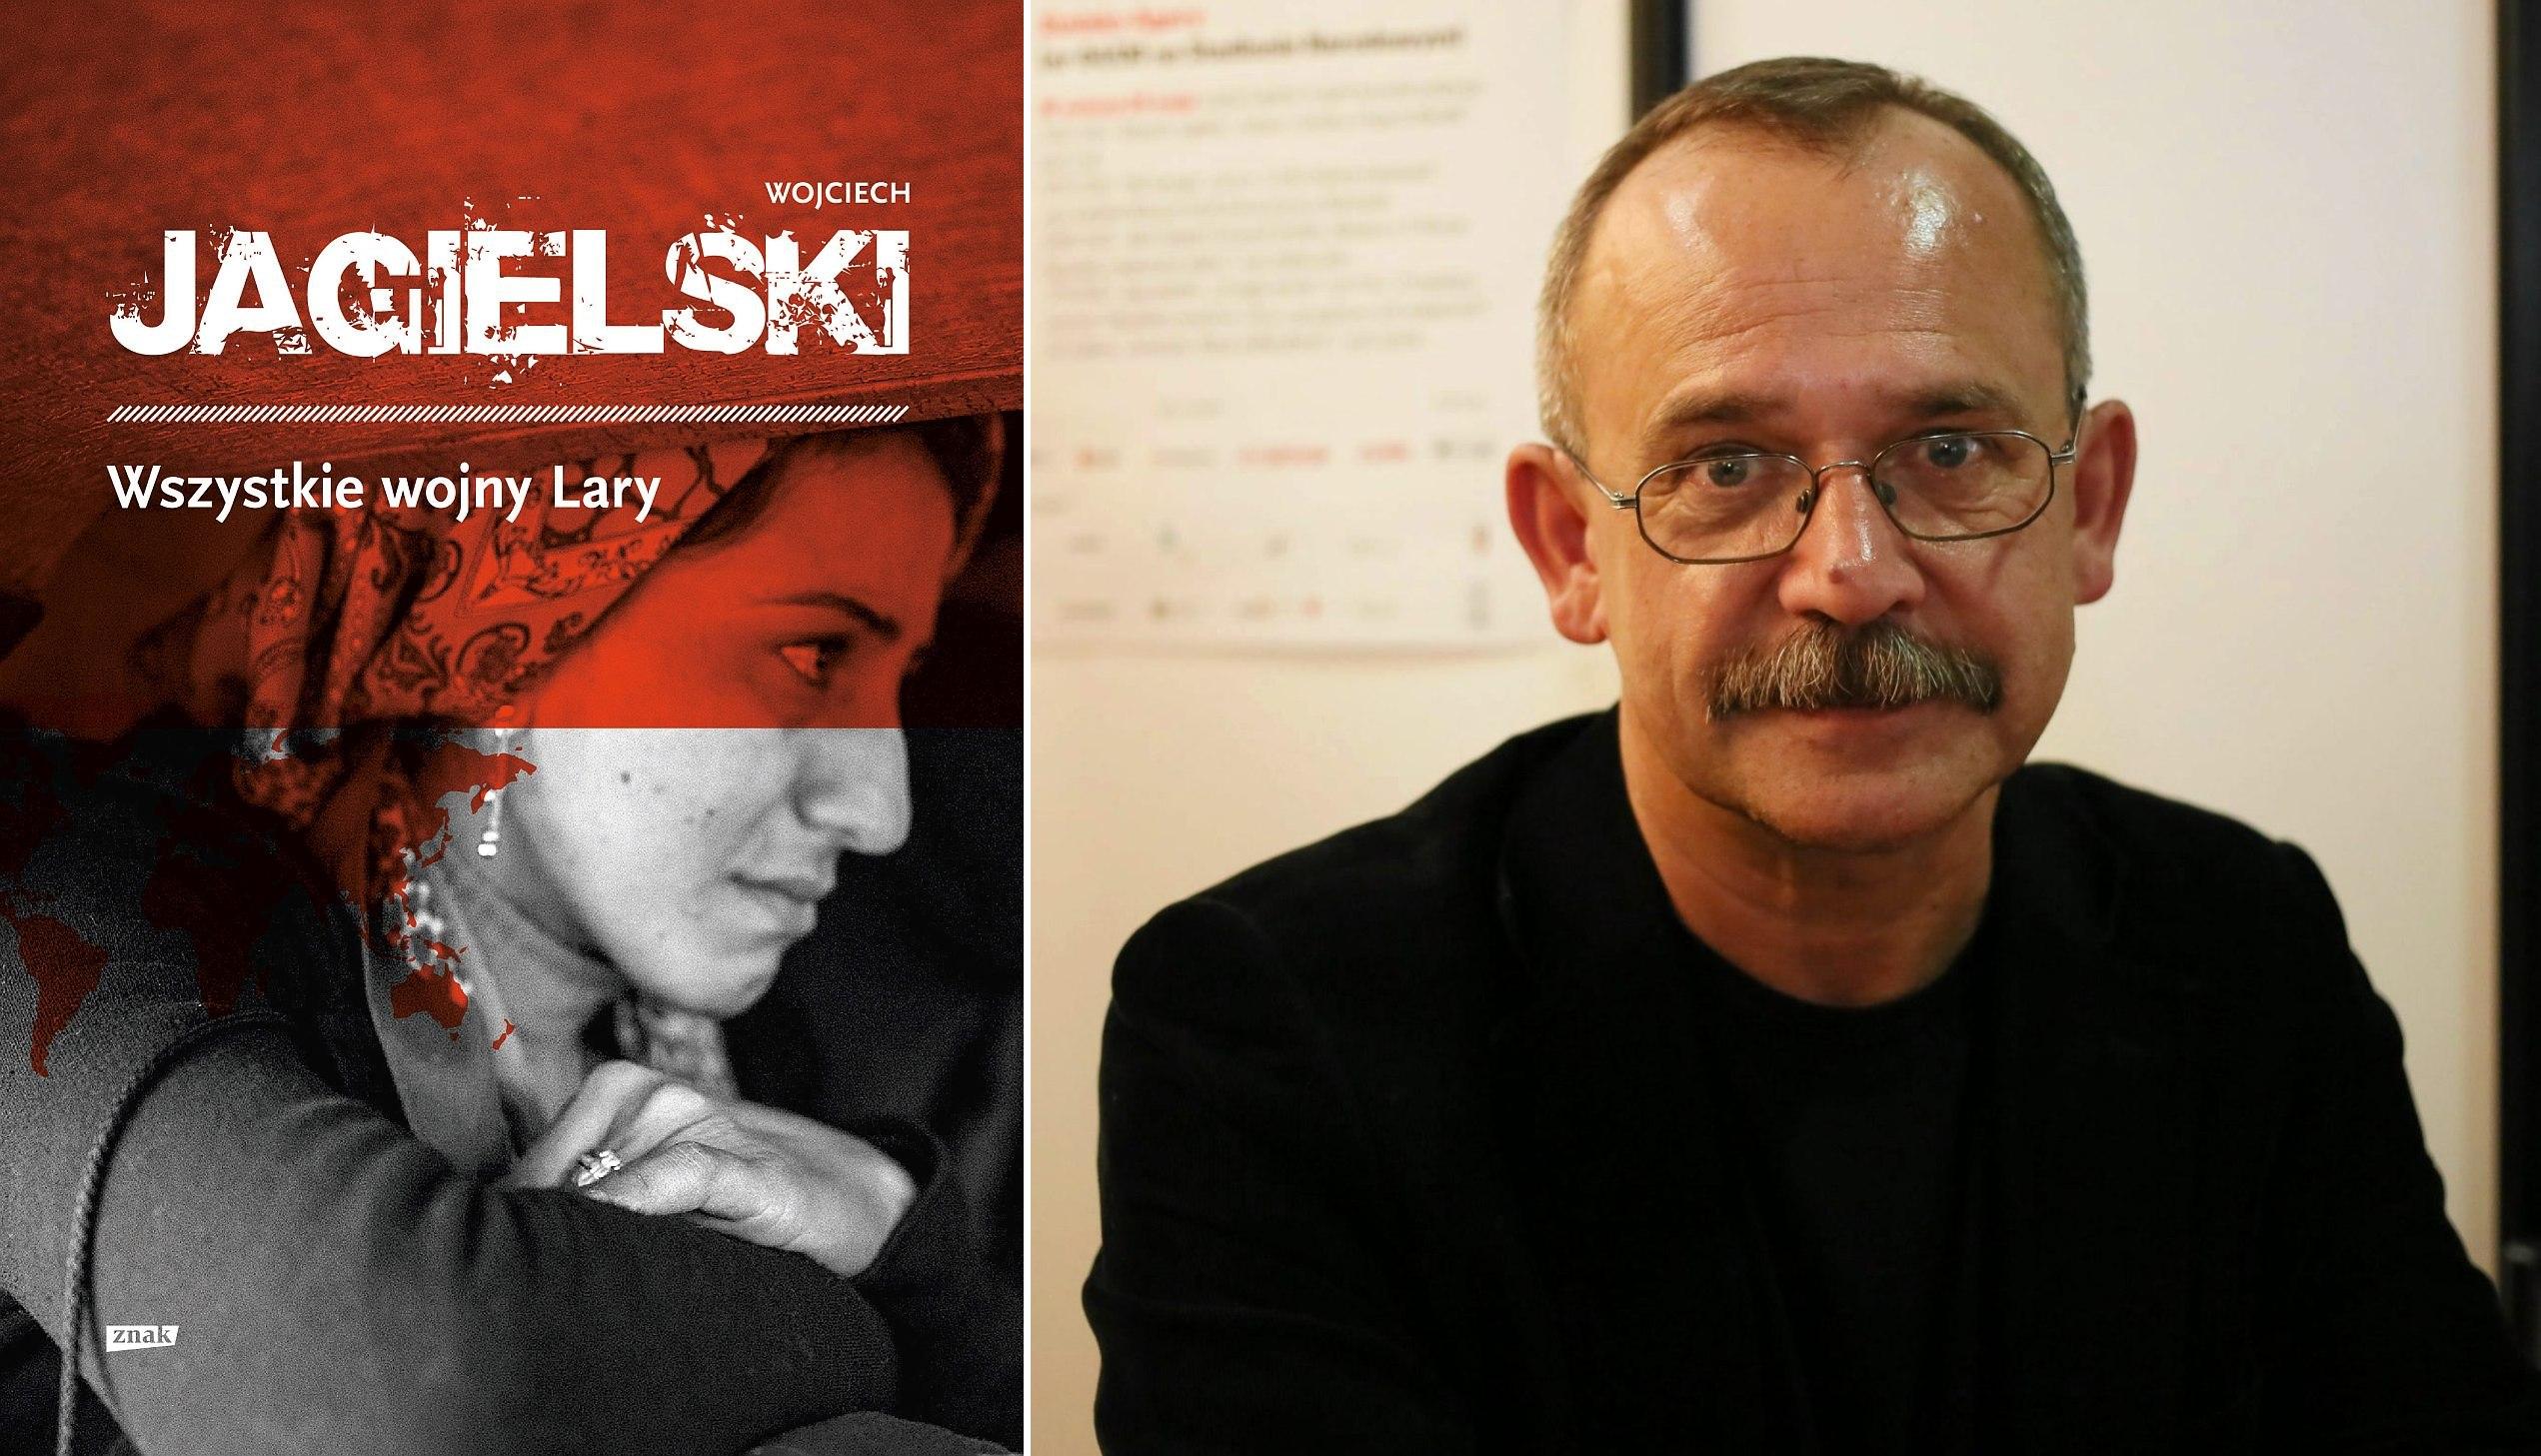 Wojciech Jagielski na Warszawskich Targach Książki (fot. Agata Grzybowska / Agencja Gazeta)